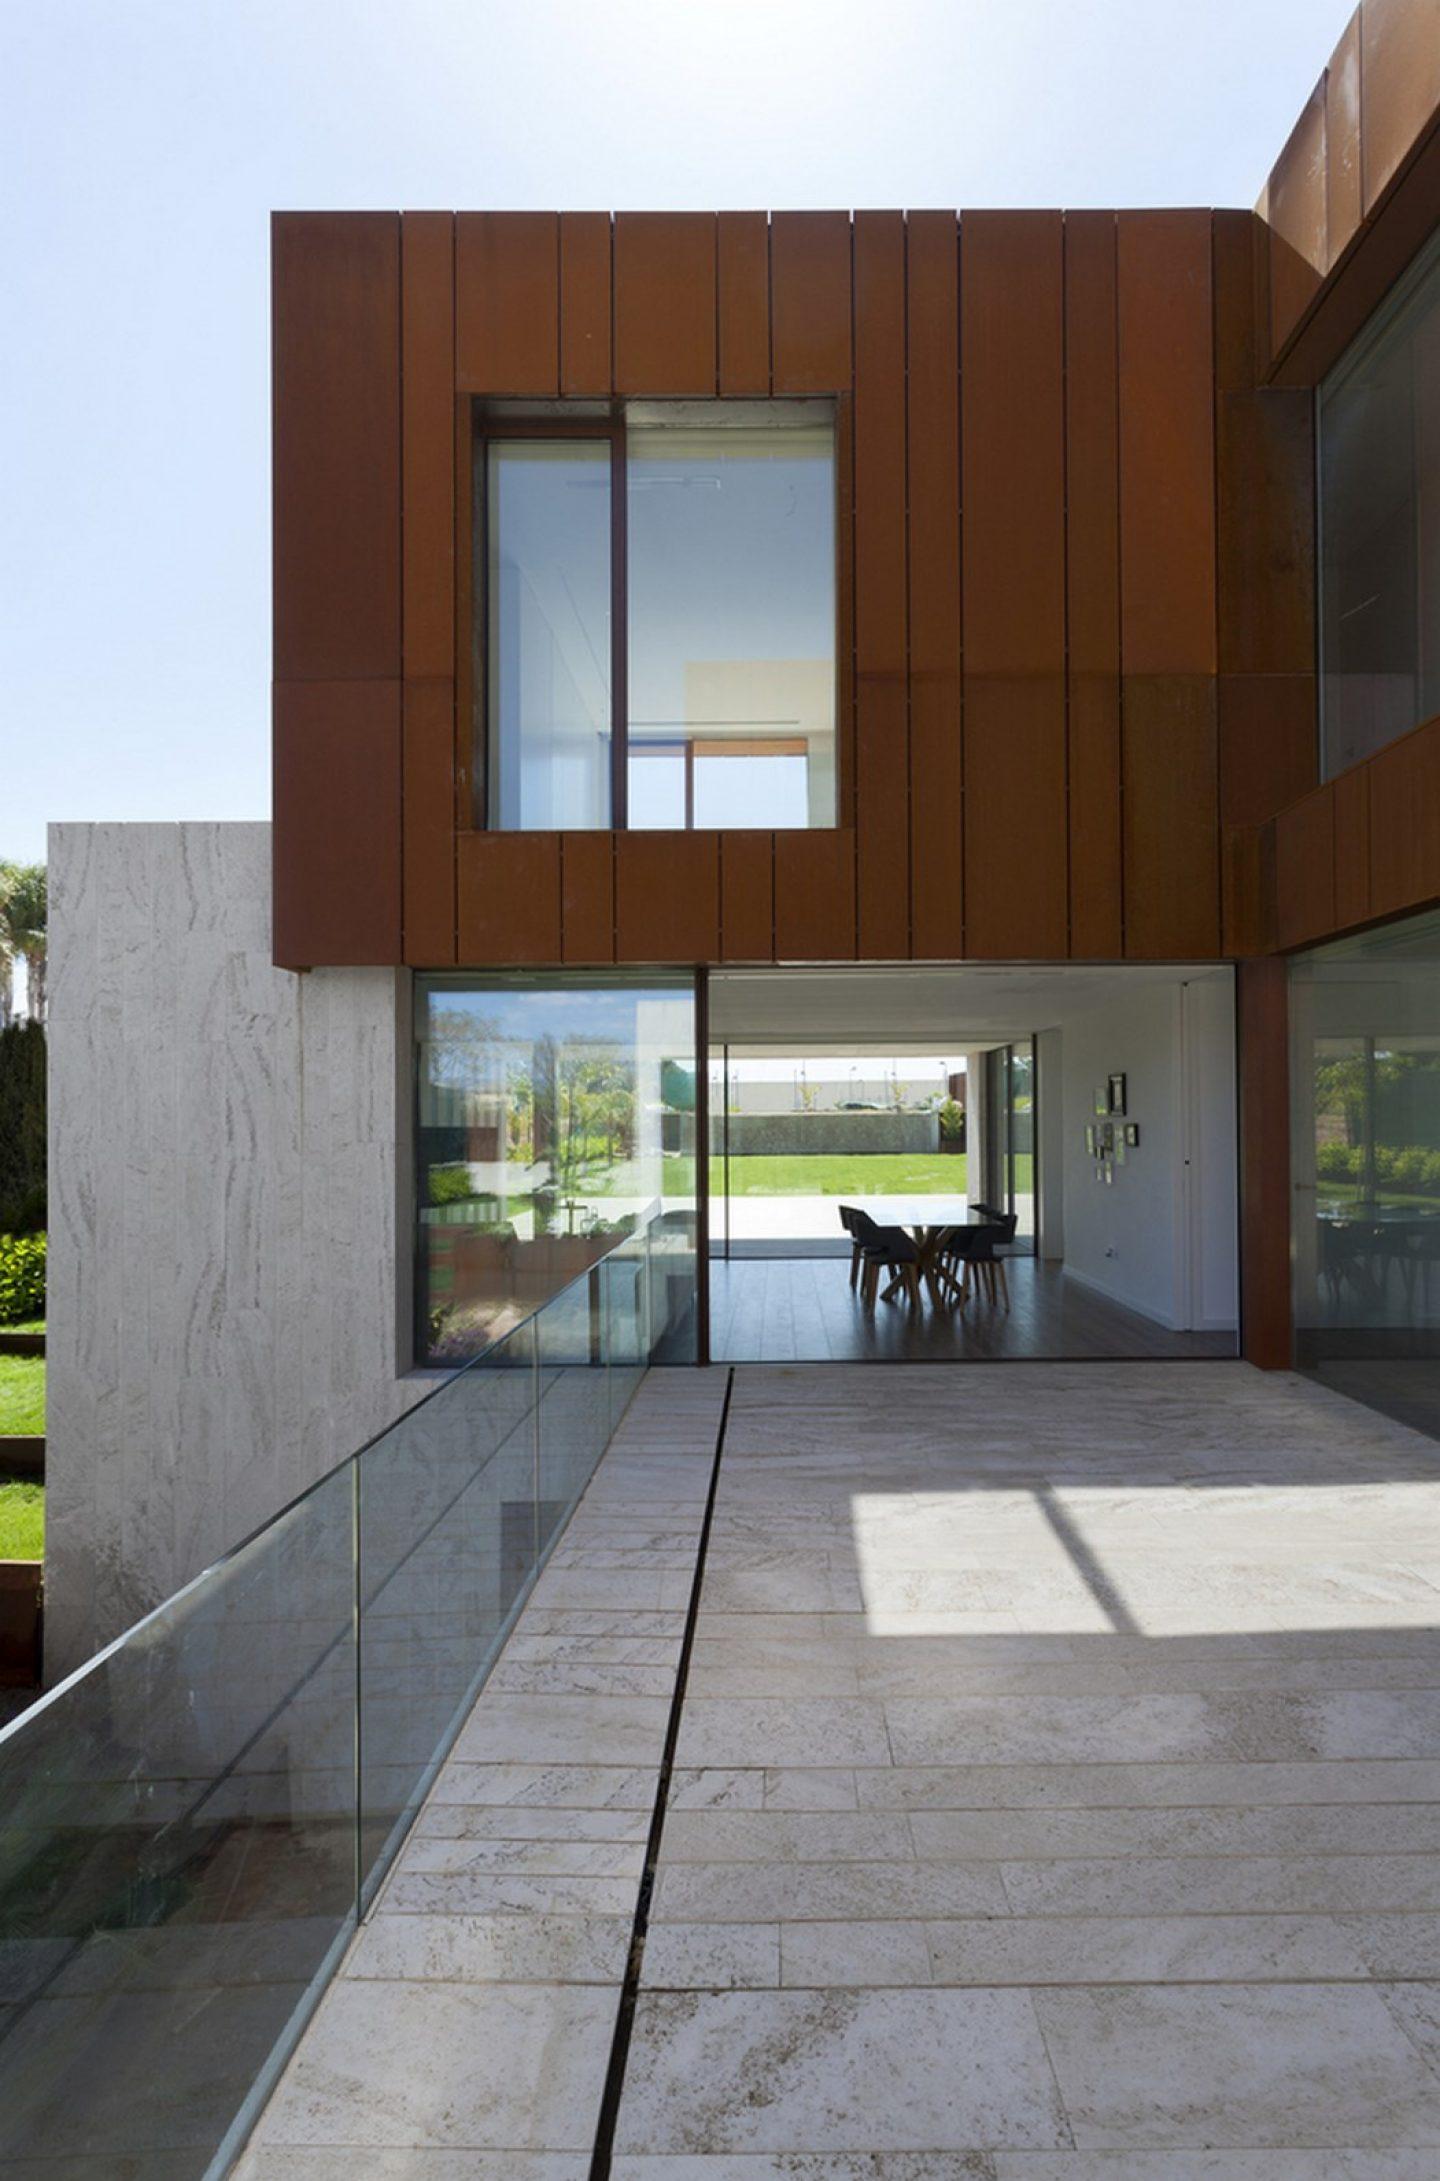 Antonio_Altarriba_Comes_Architecture (2)